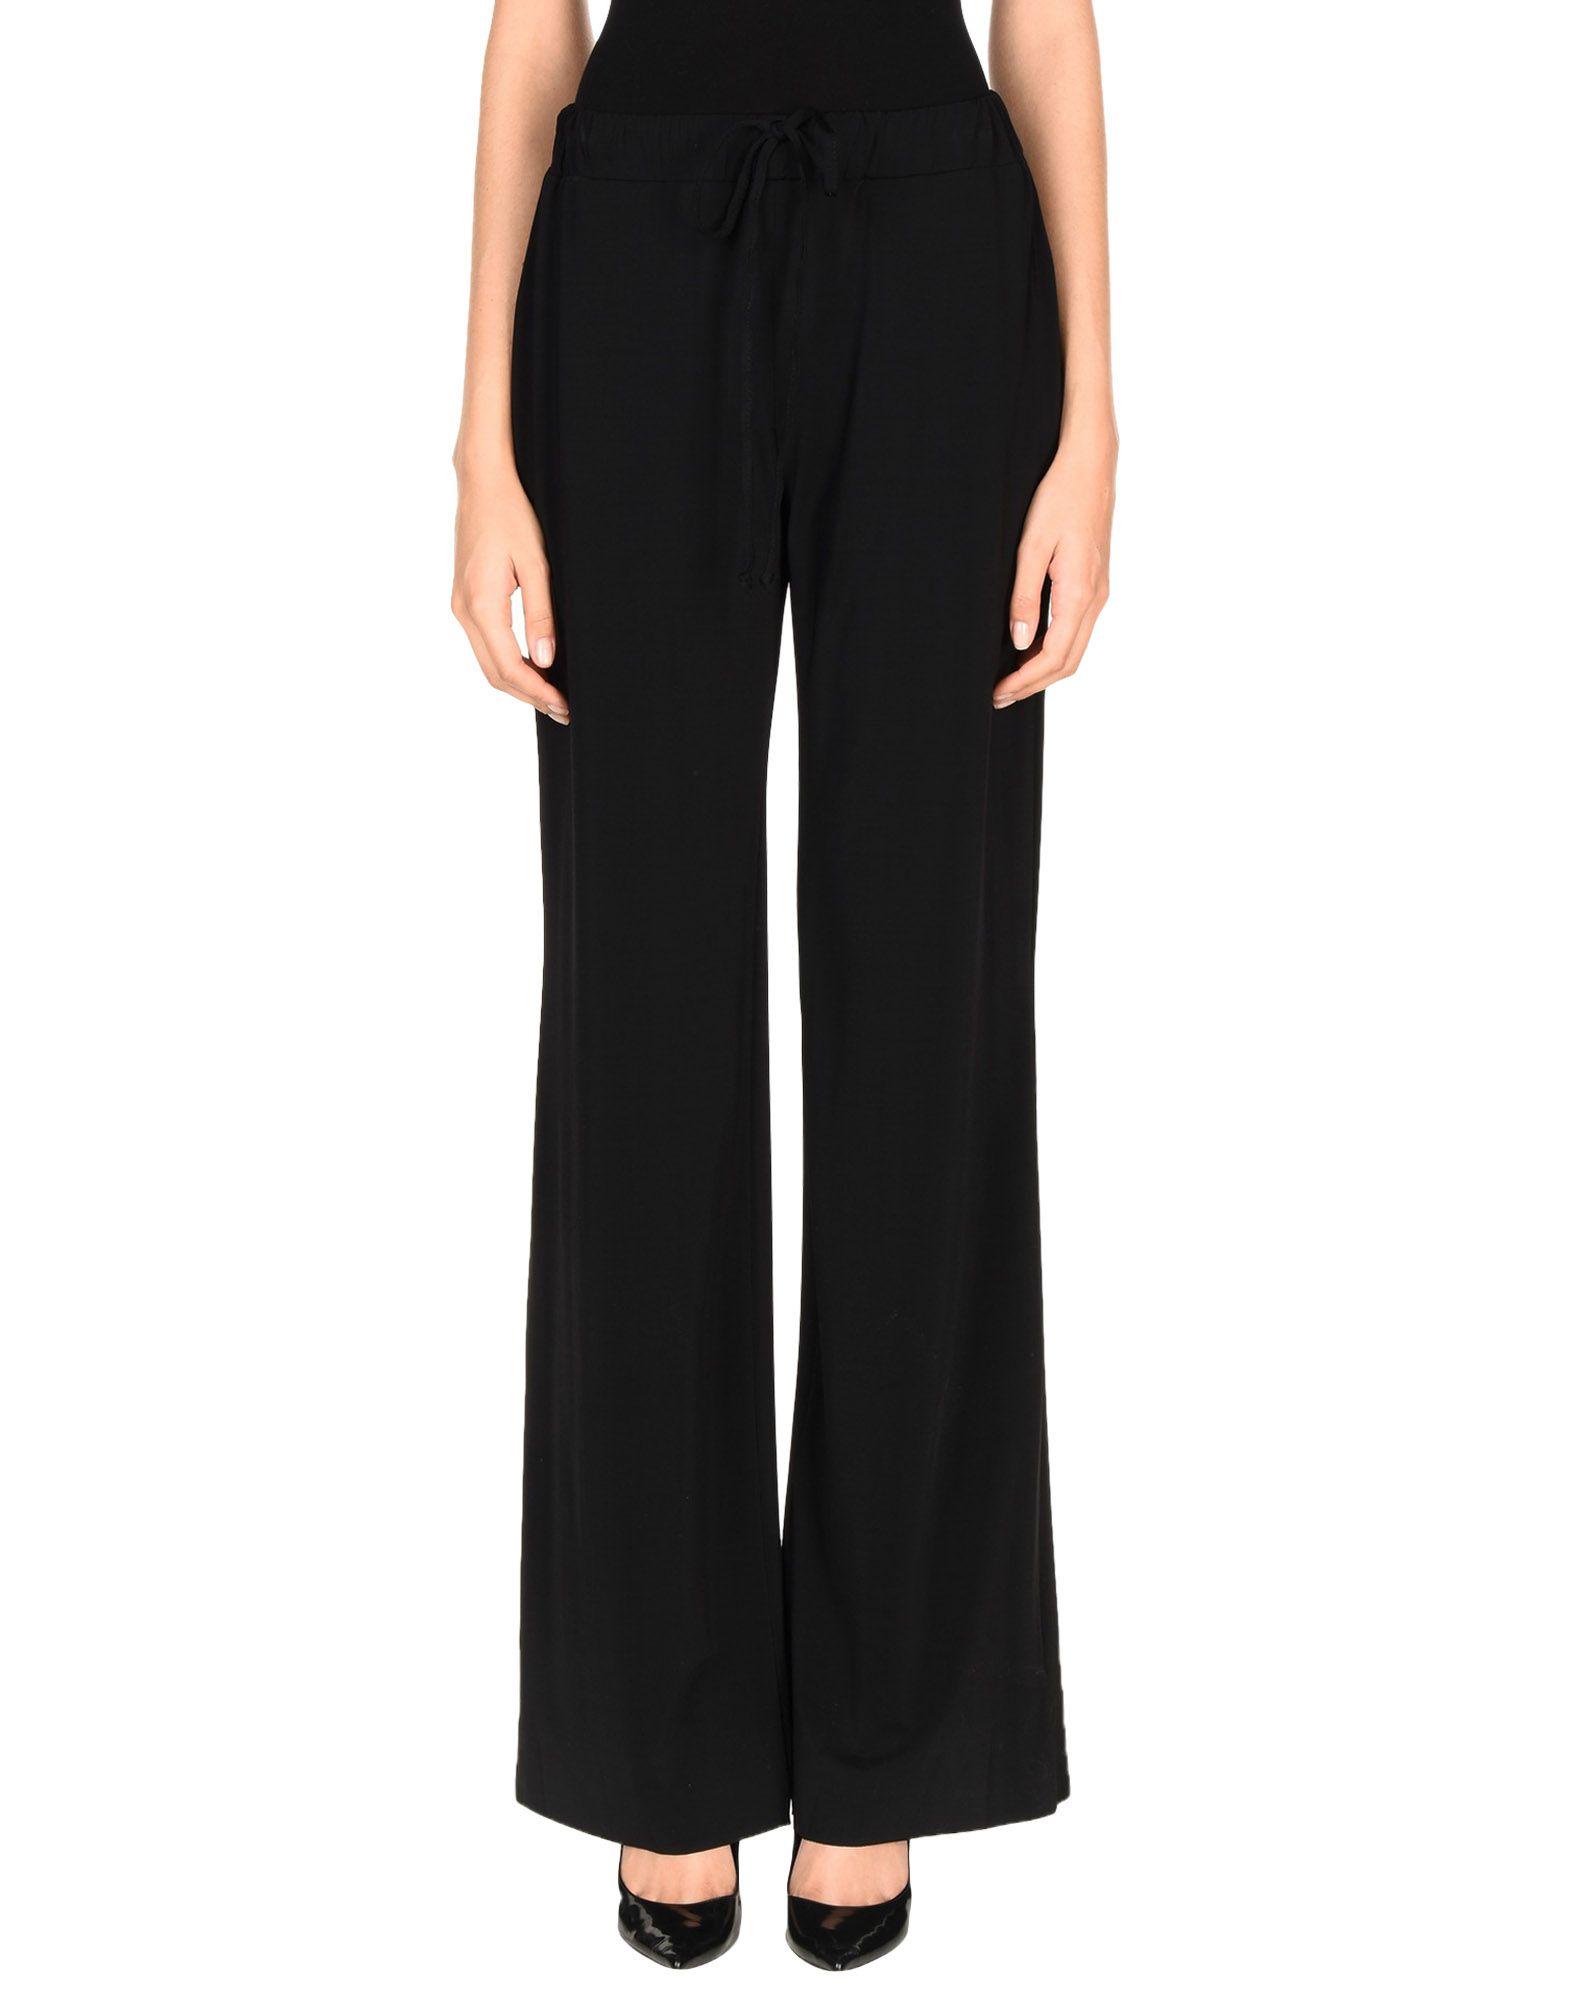 цены на THINK BELIEVE Повседневные брюки в интернет-магазинах